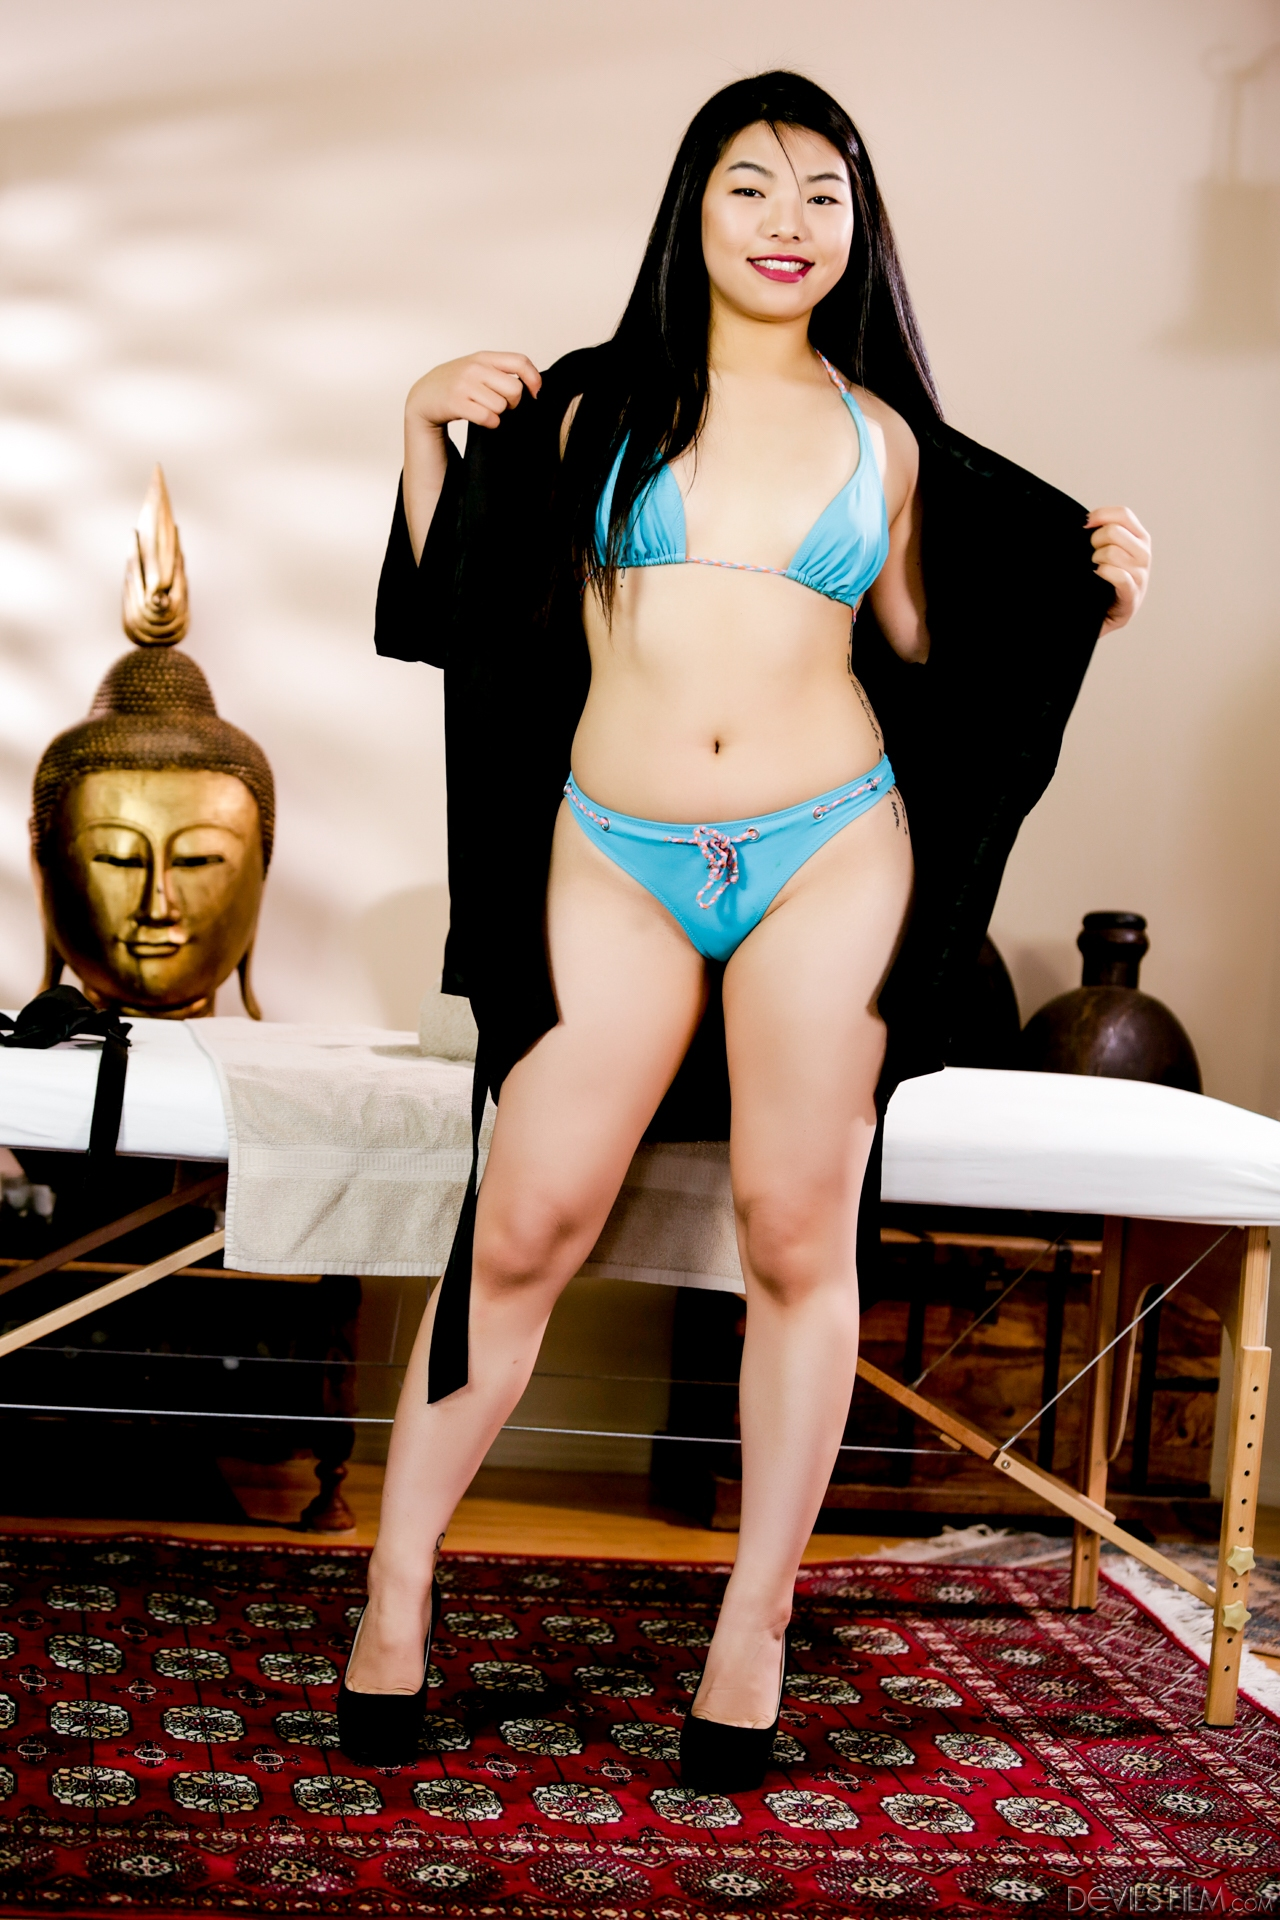 Asiatinnen Pornos. Galerie - 2034. Foto - 1